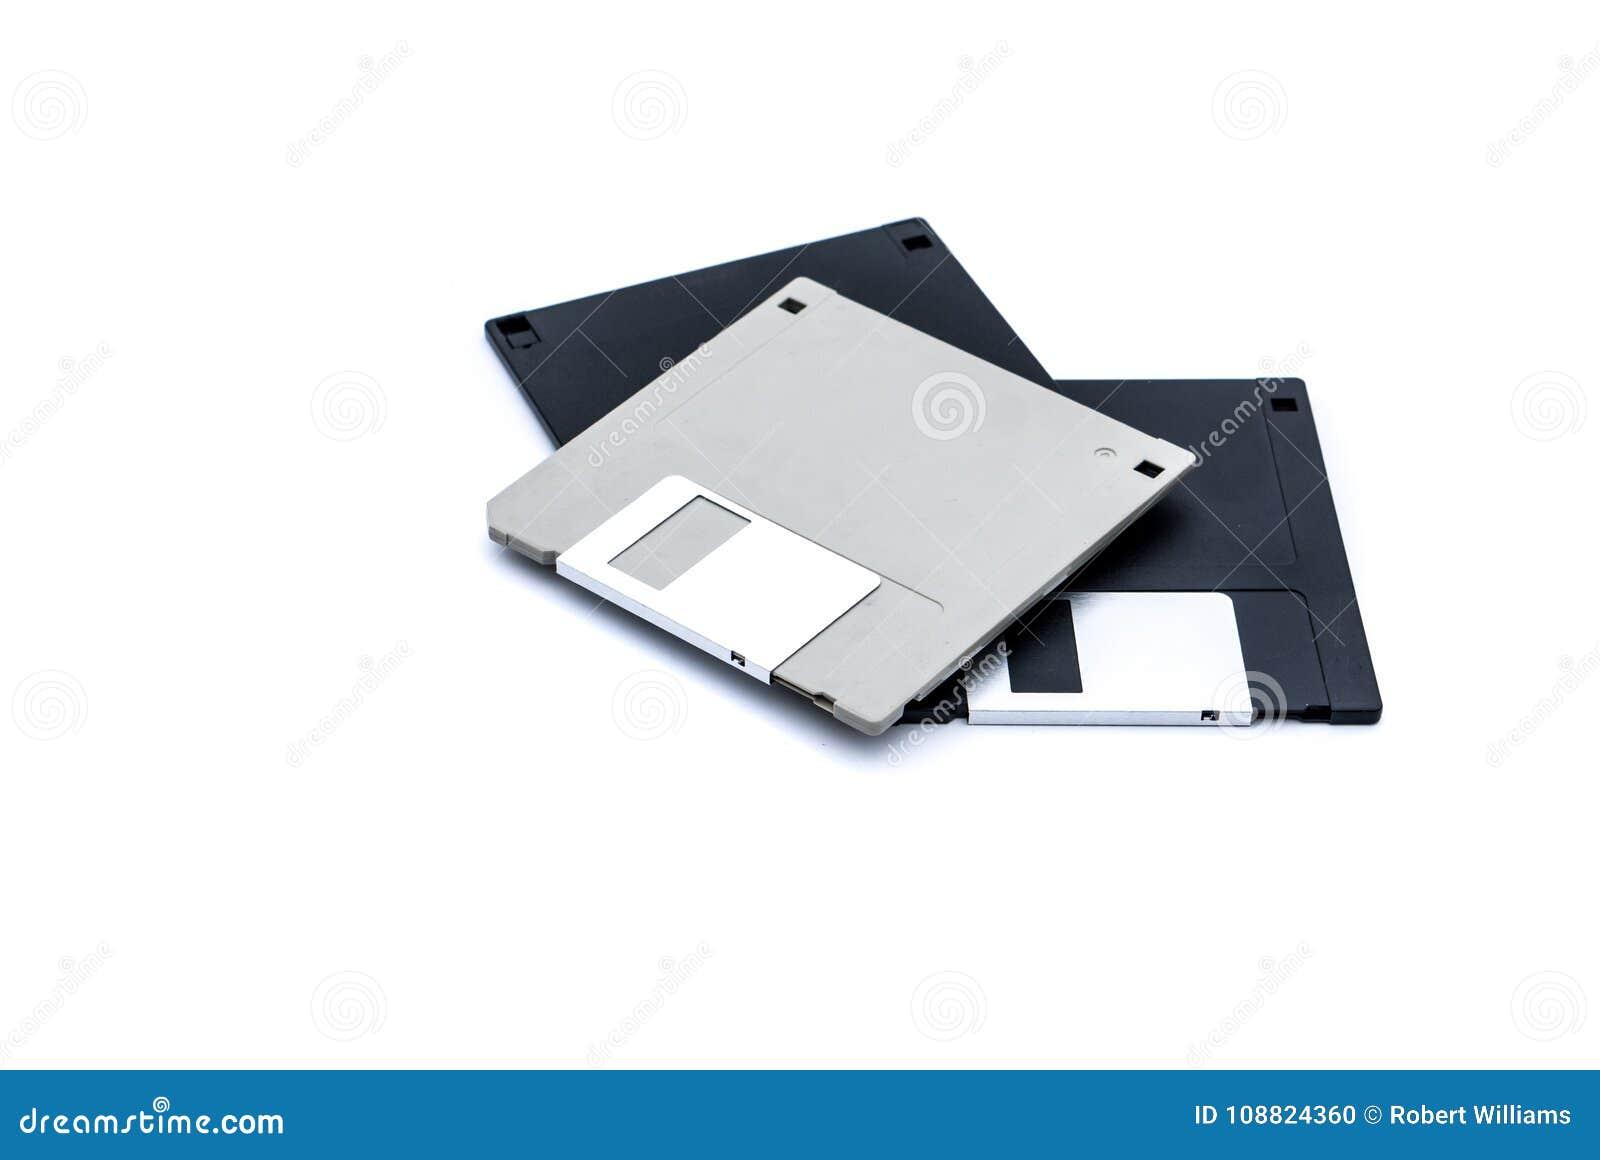 Old outdated floppy disks for older computer system.